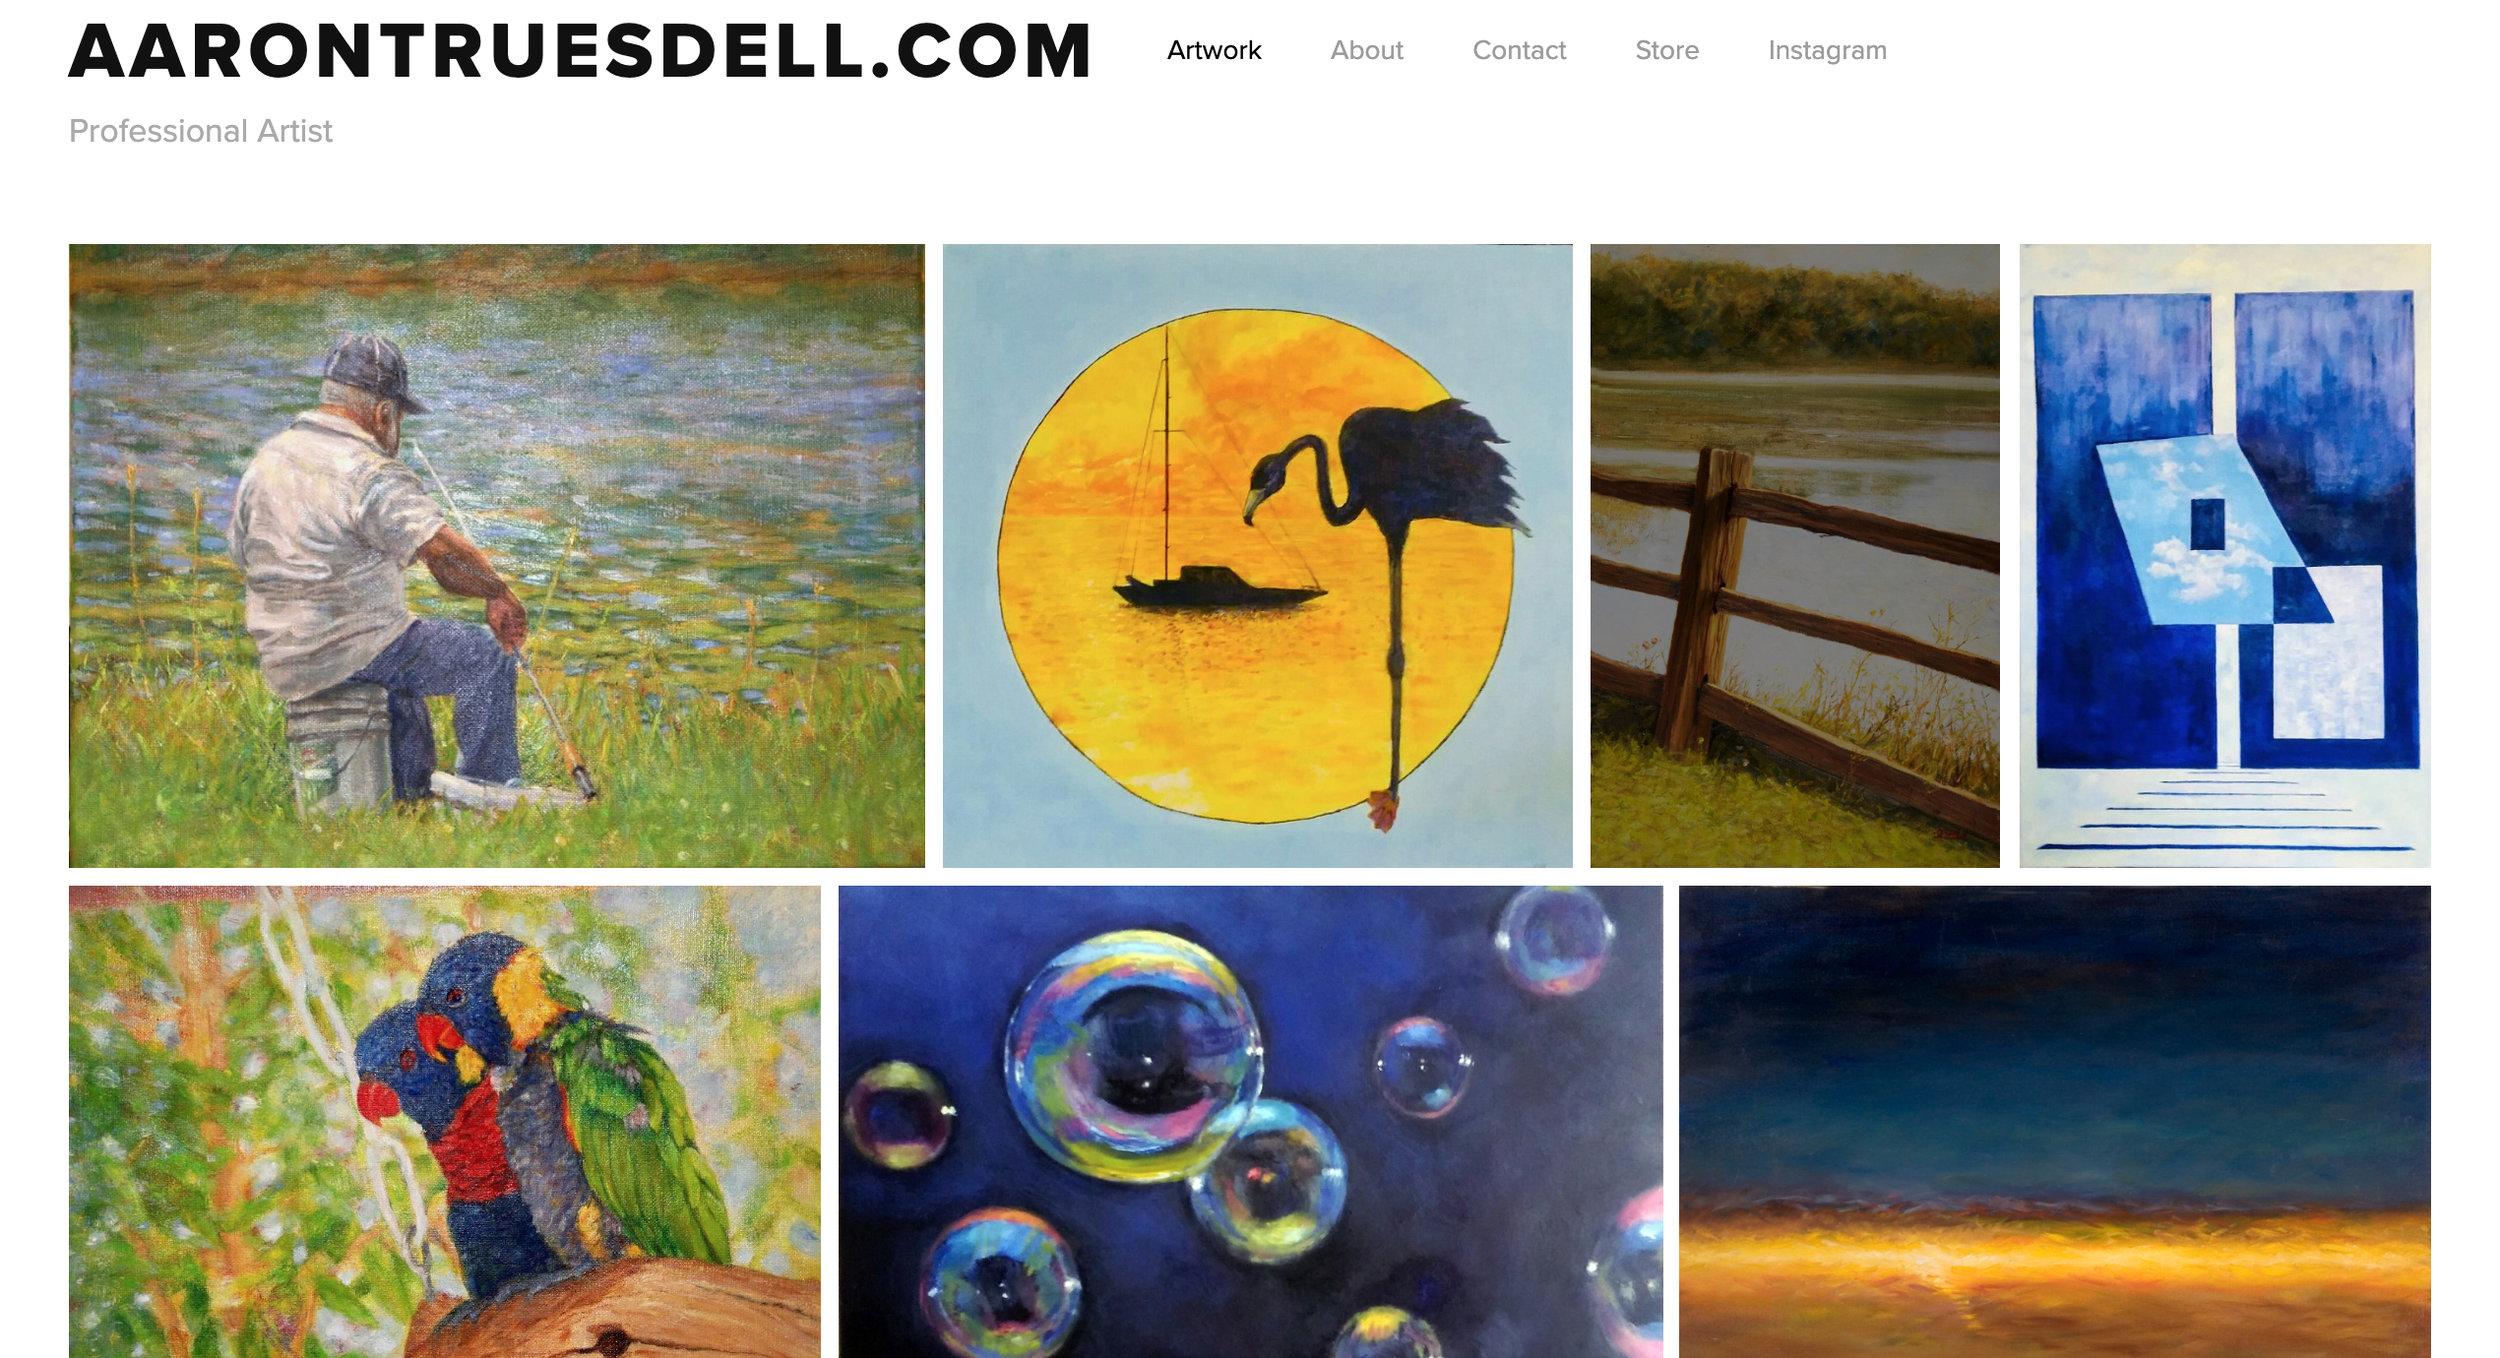 AaronTruesdell.com